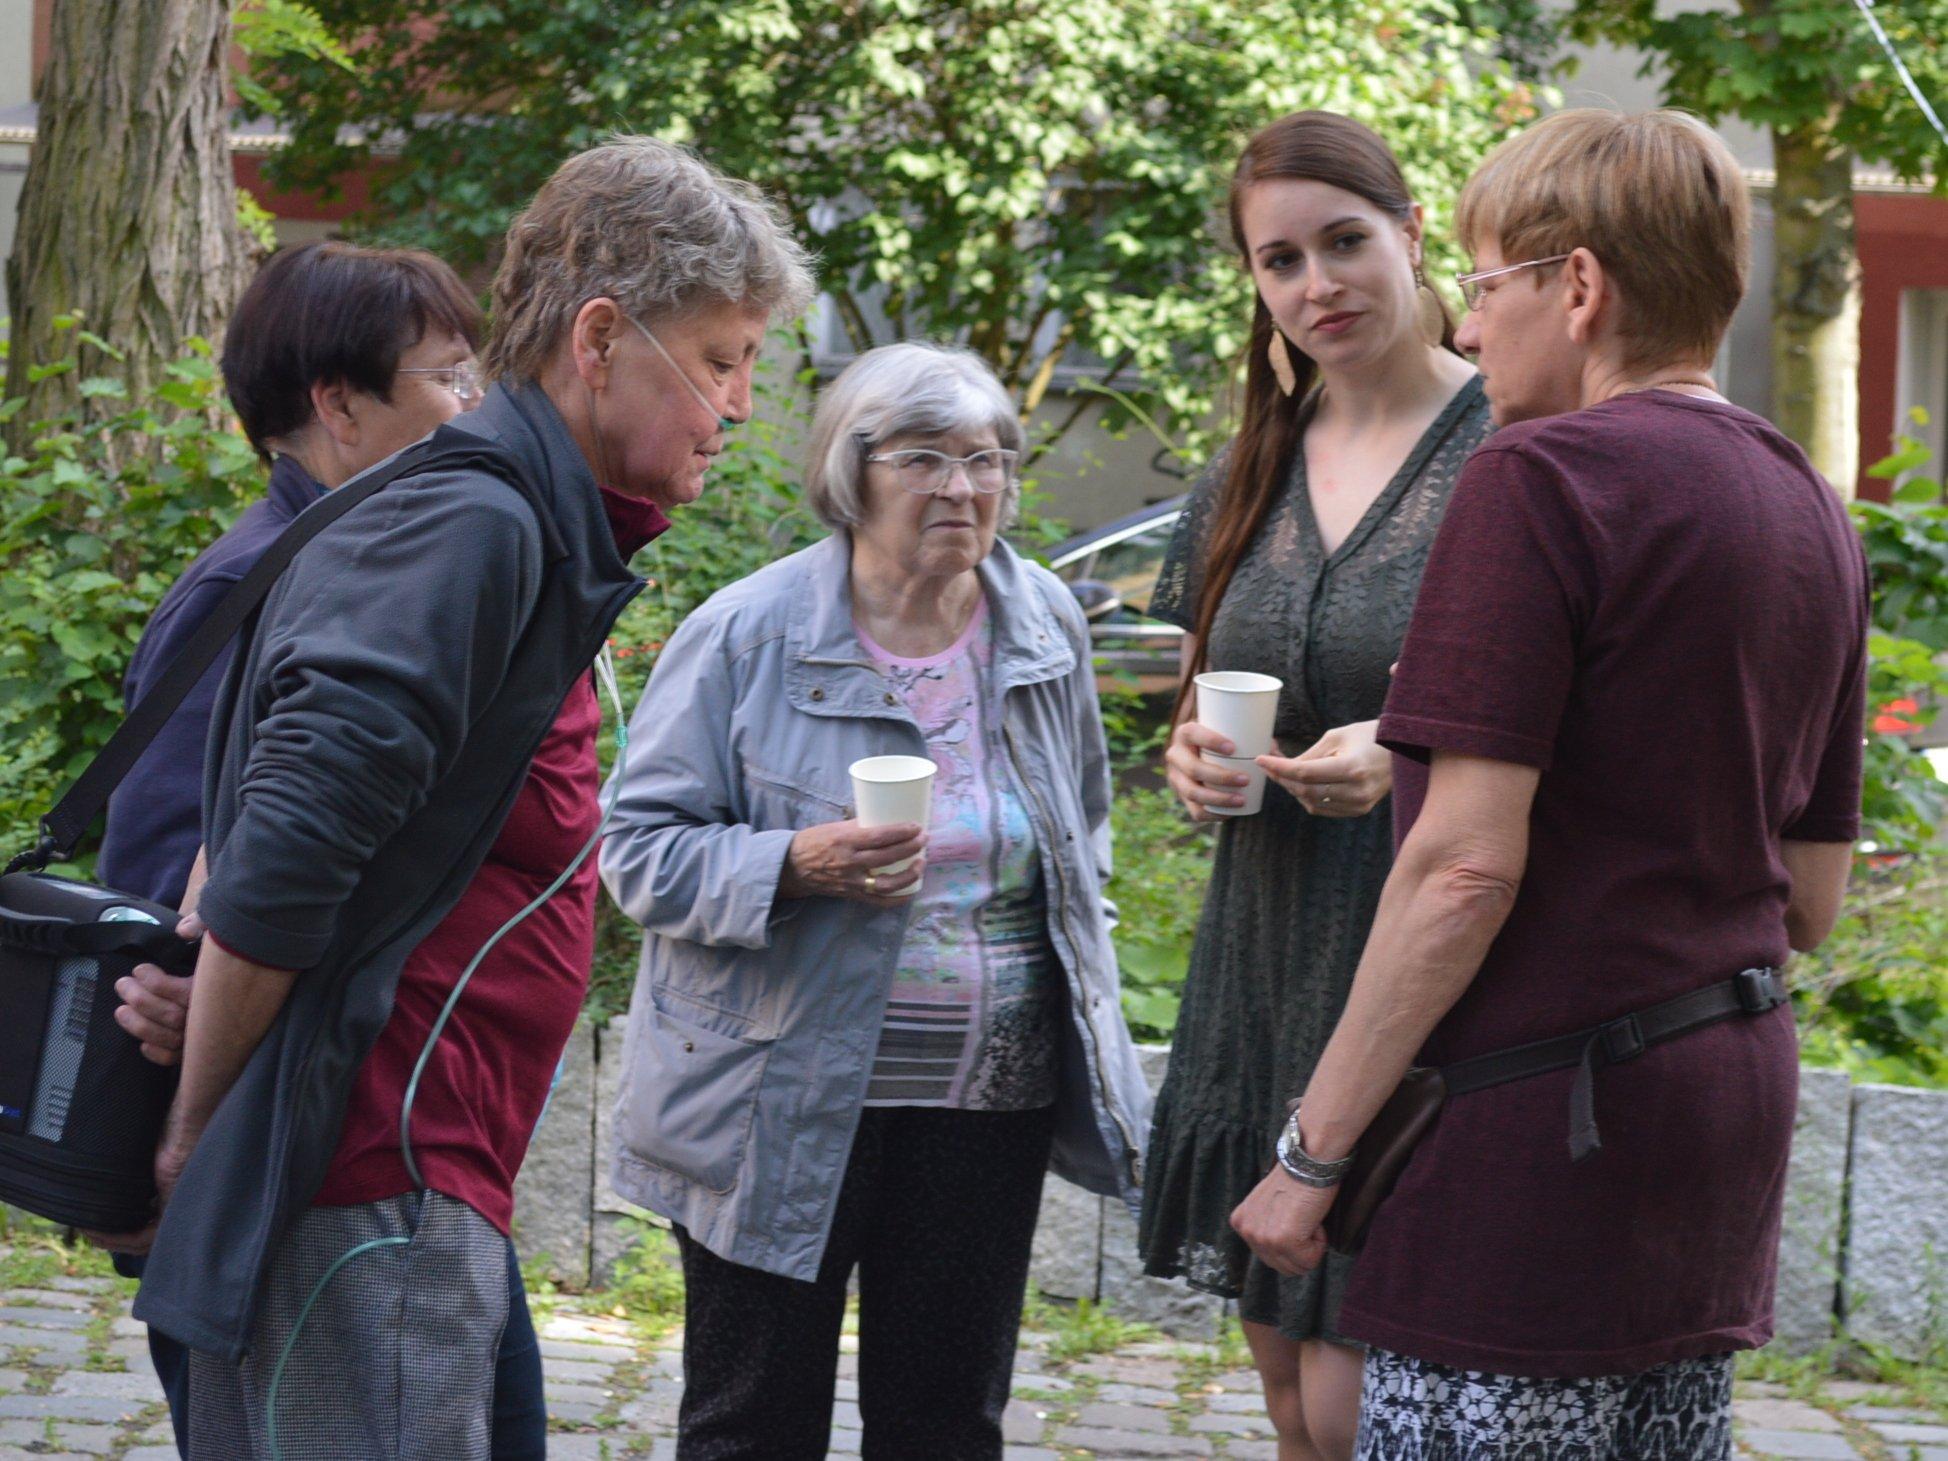 Angeregte Gespräche: fünf Frauen stehen im Kreis und unterhalten sich.